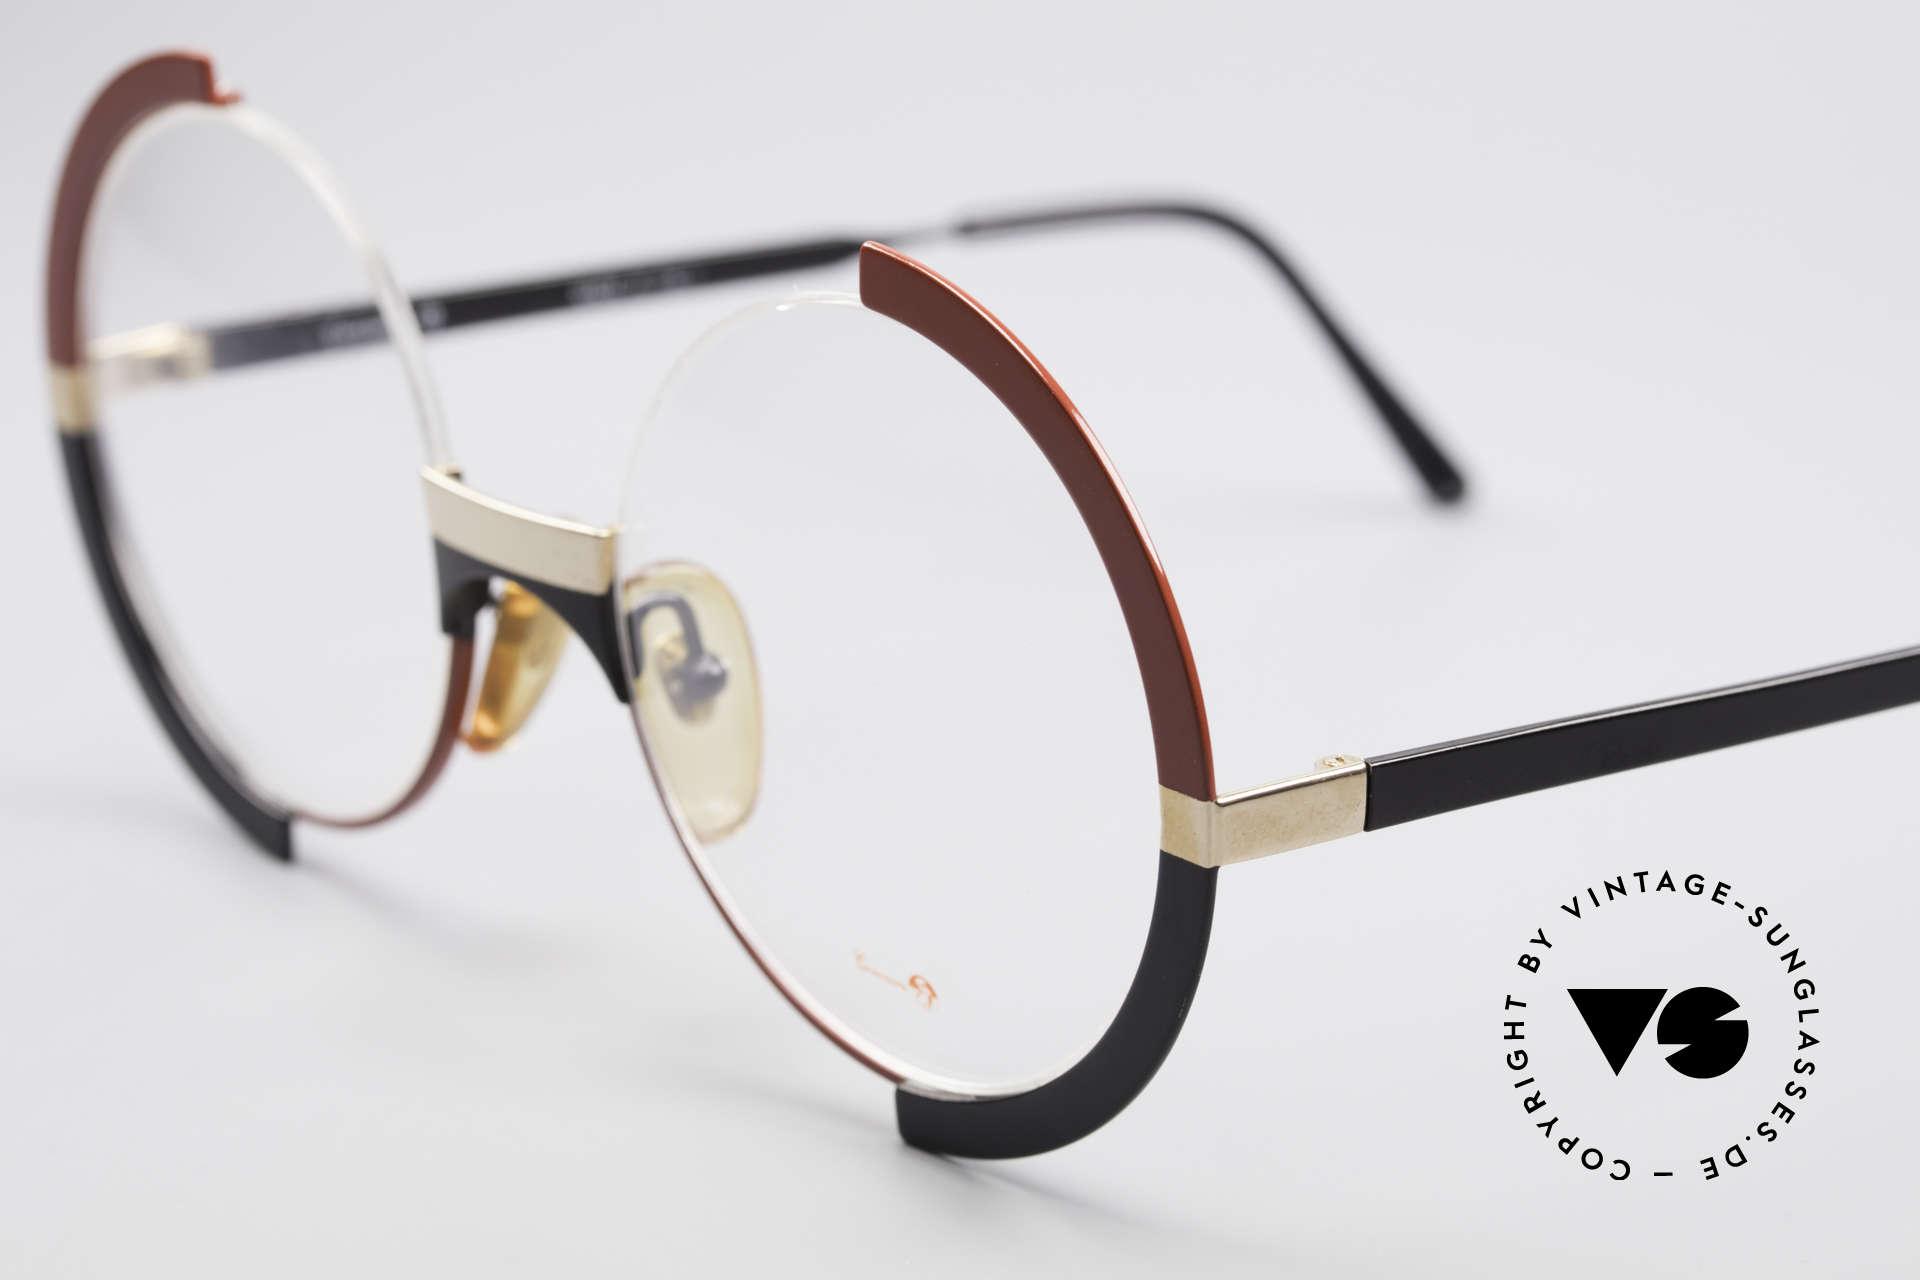 Casanova FC4 Kunstvolle Vintage Brille, eigentlich ein Museumsstück, da Brillen-Kunstwerk, Passend für Damen